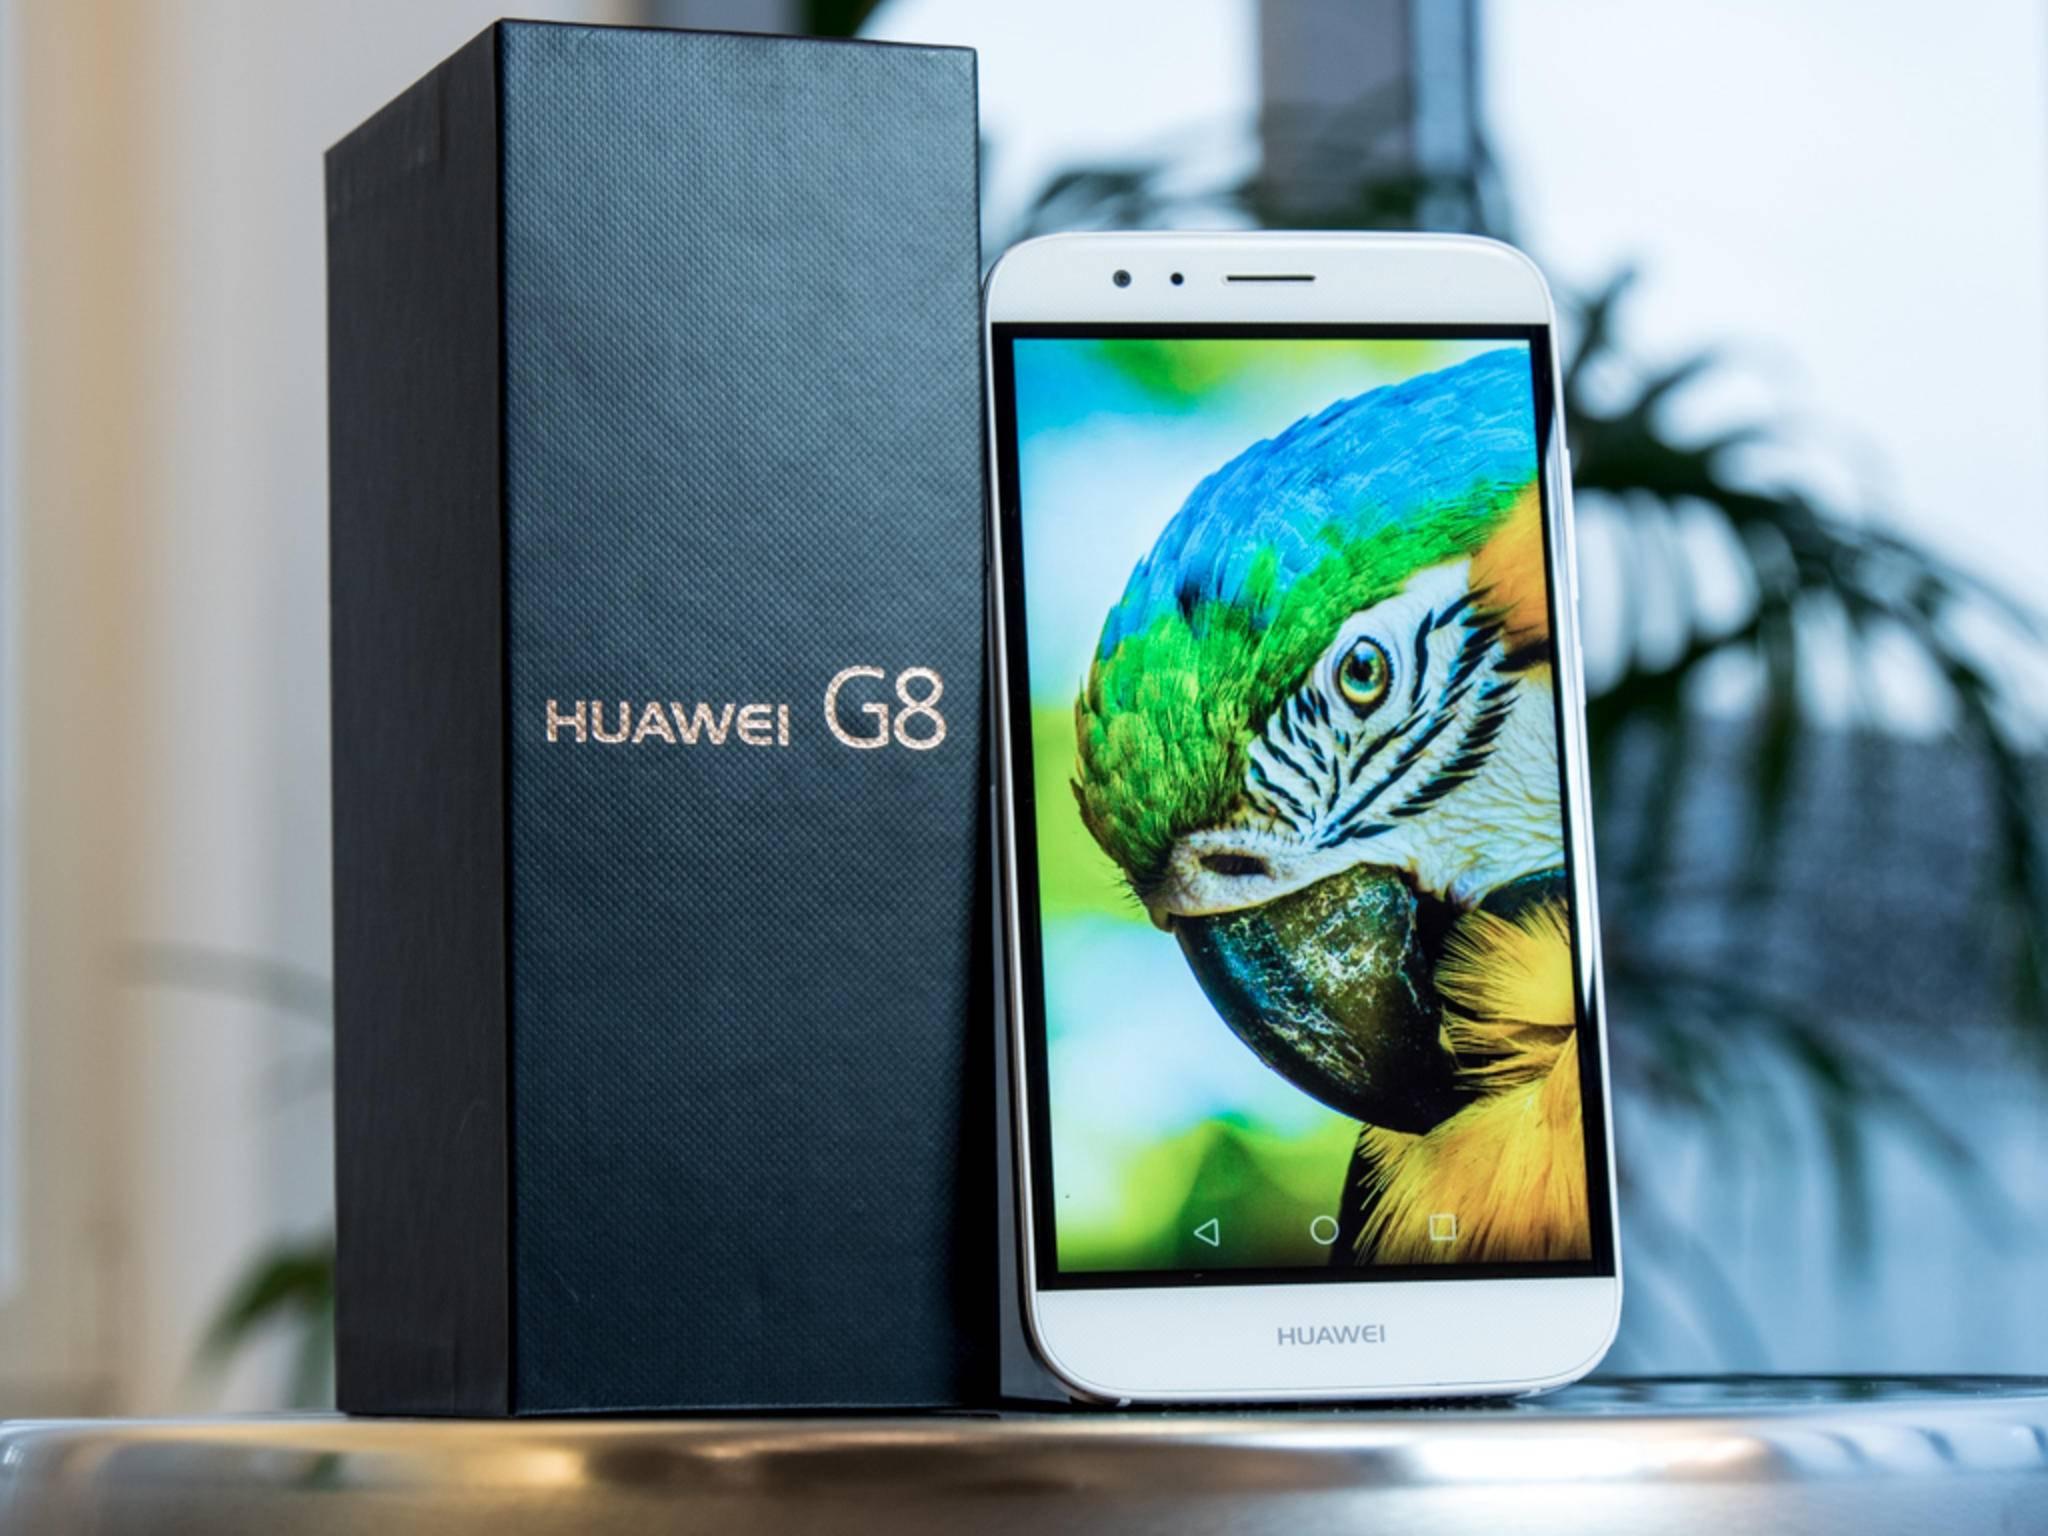 Das Huawei G8 im Test: Was kann das Mittelklasse-Smartphone?